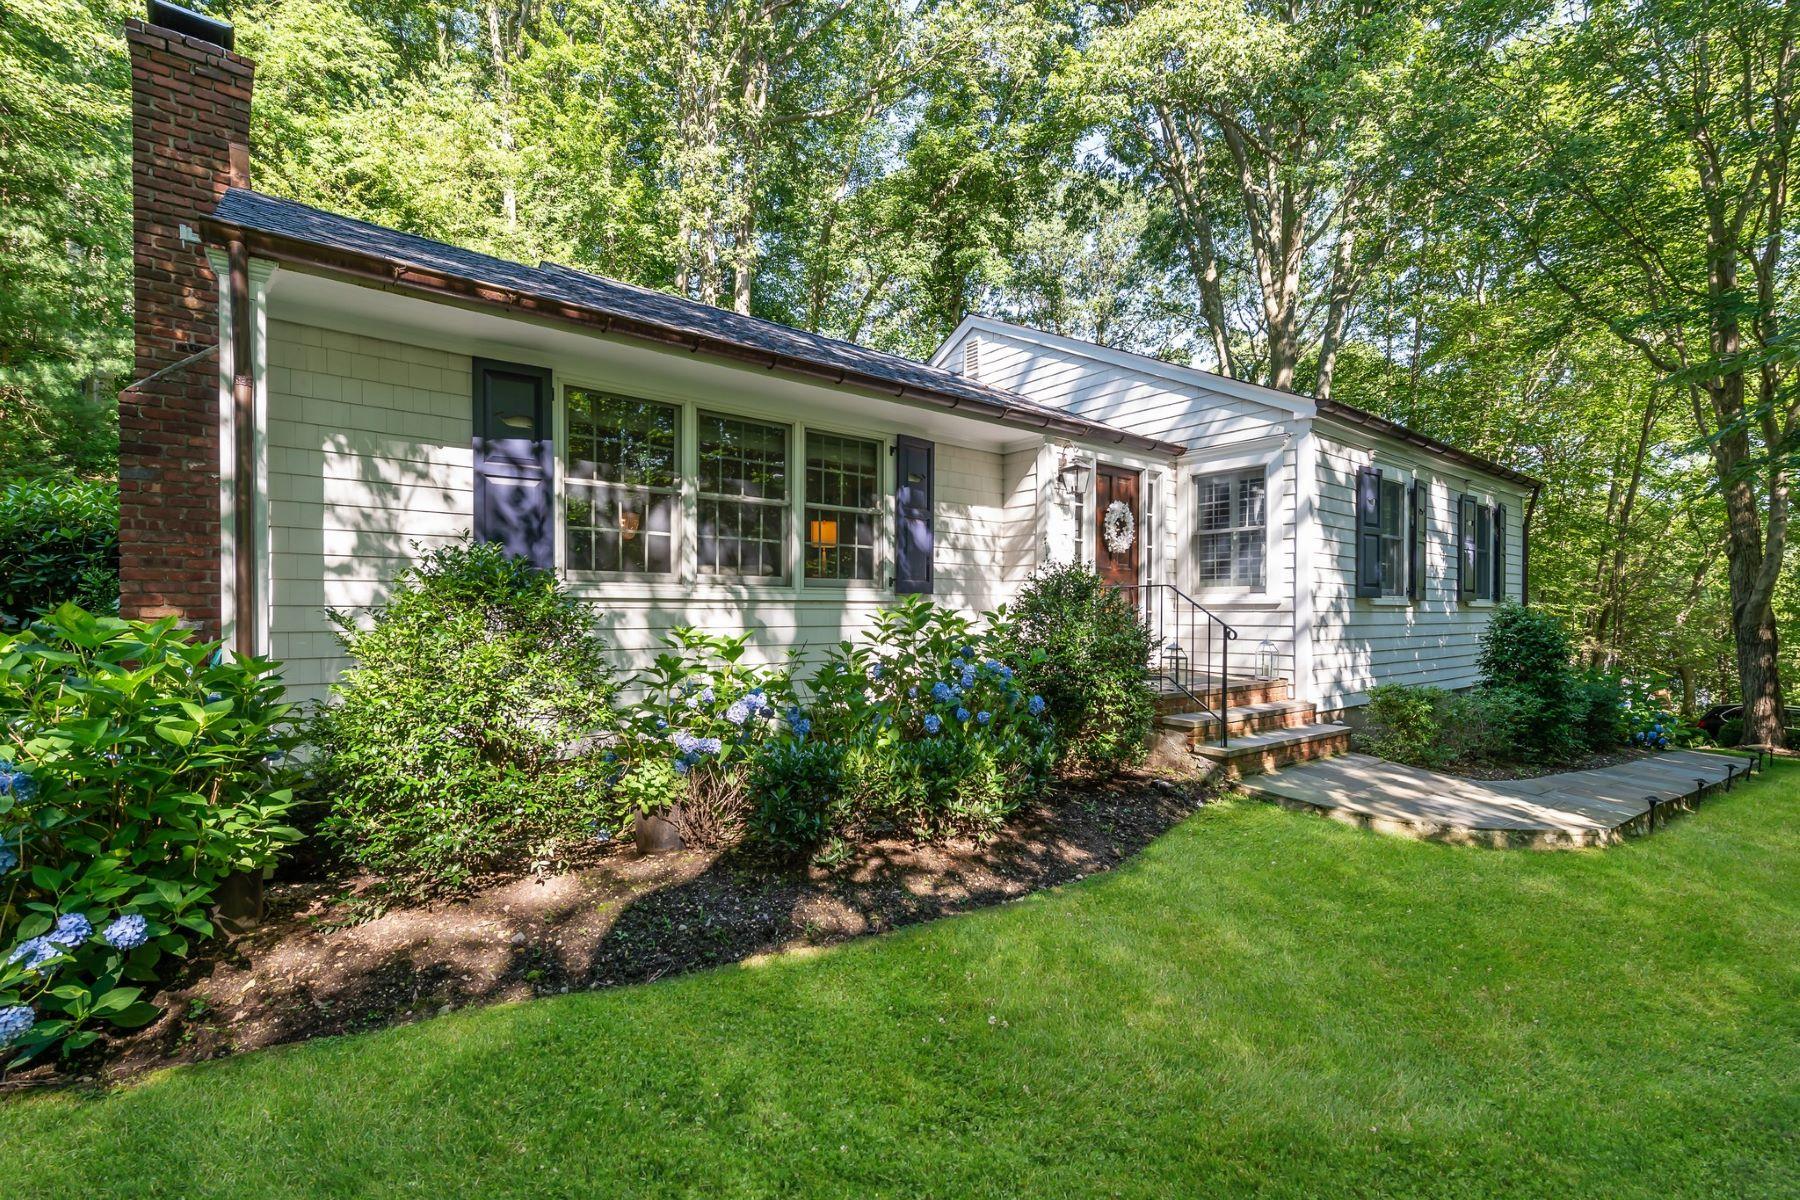 Single Family Homes für Verkauf beim Cold Spring Hrbr 44 Turkey Ln, Cold Spring Harbor, New York 11724 Vereinigte Staaten